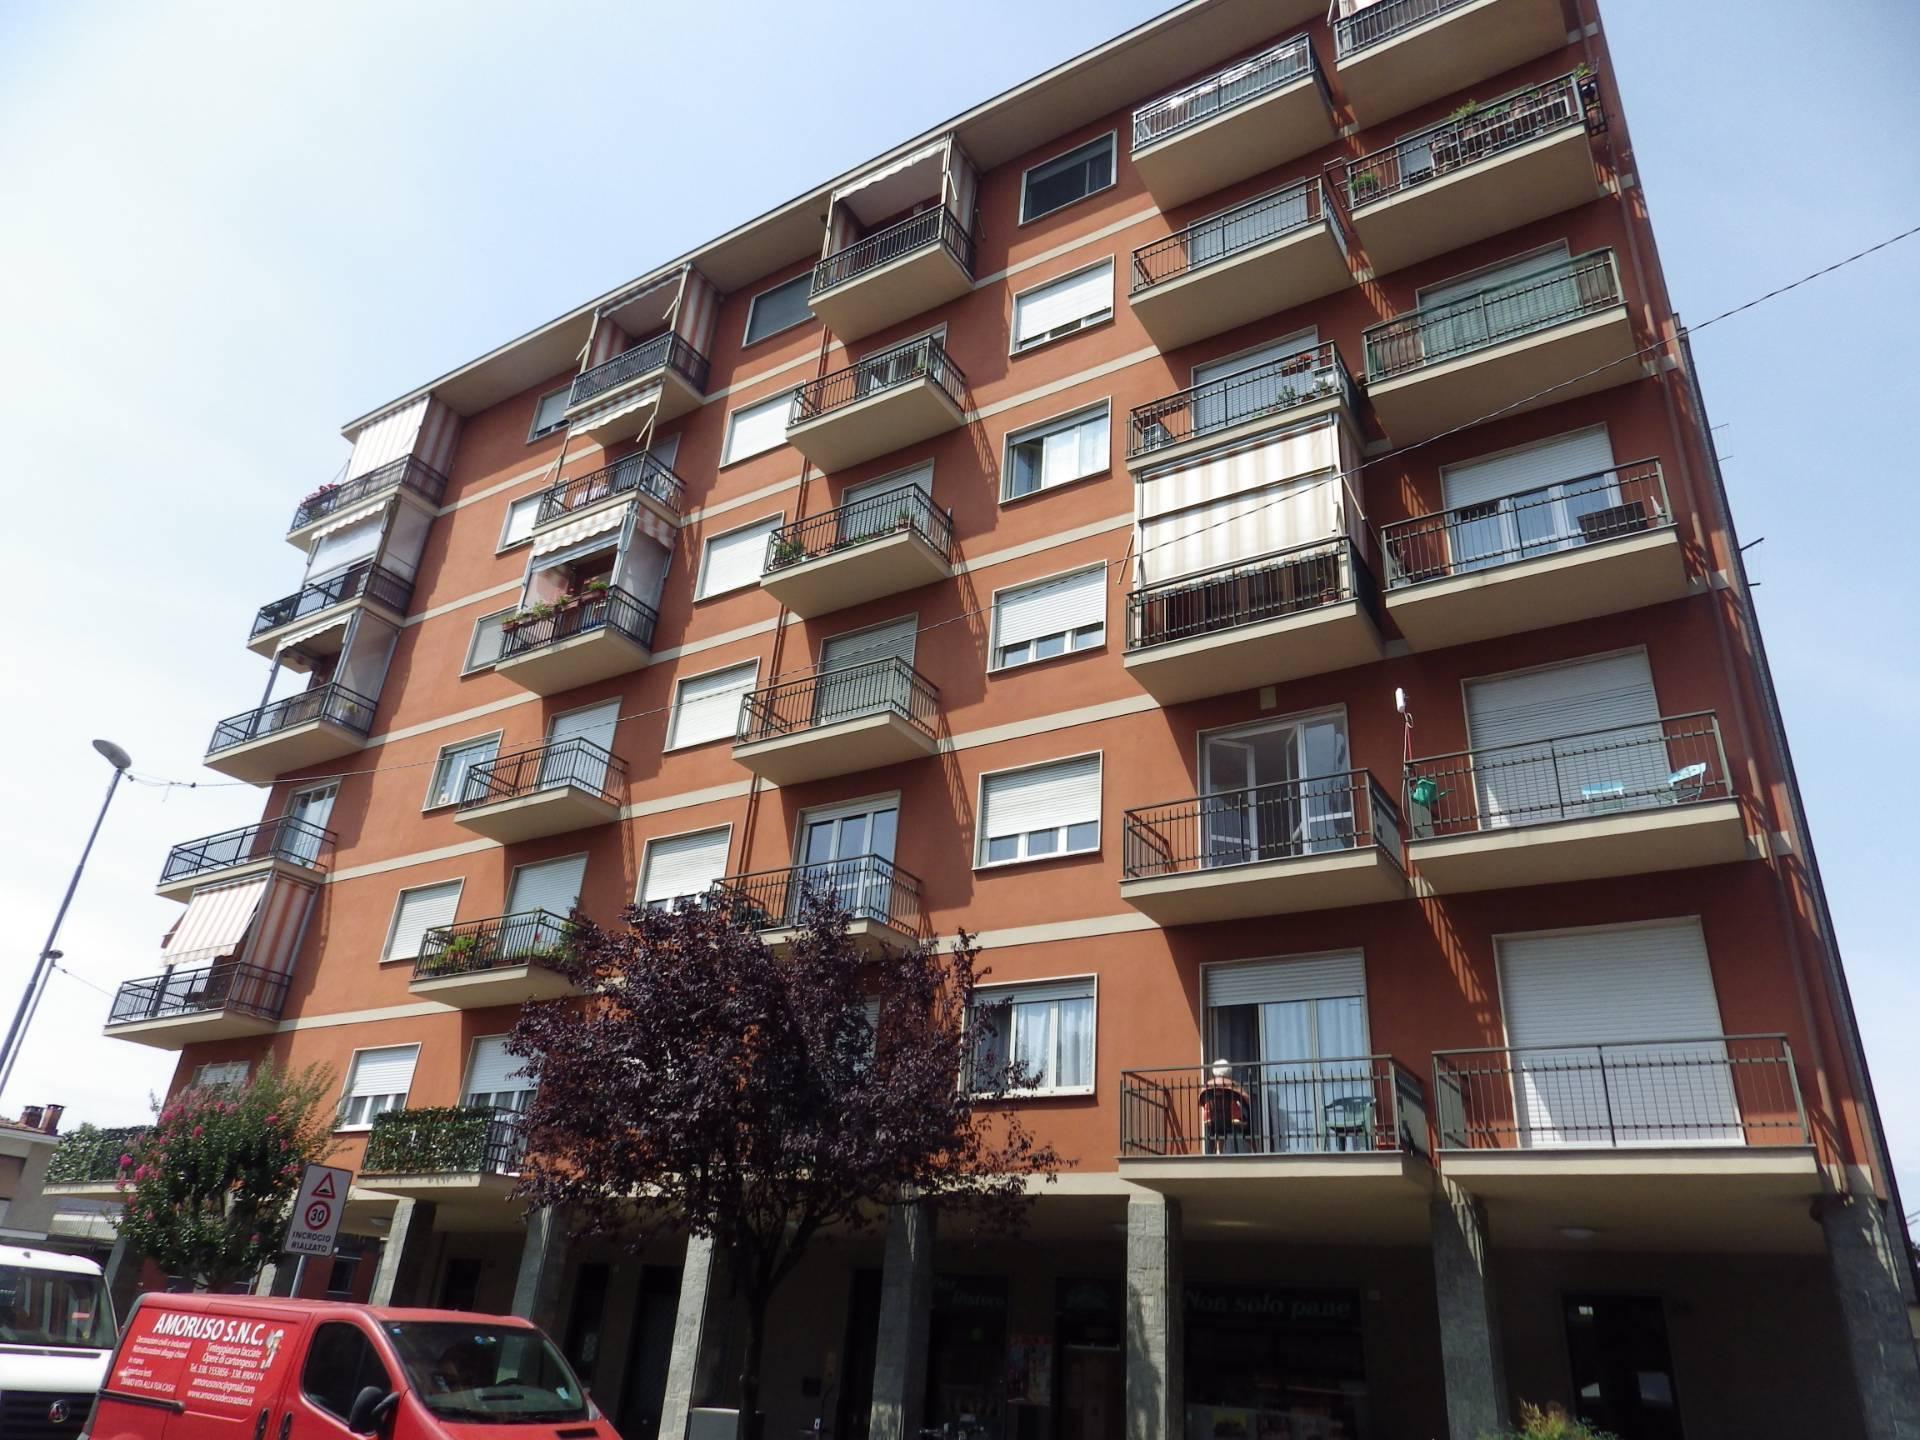 Appartamento in affitto a Collegno, 2 locali, zona Località: BorgataParadiso, prezzo € 500 | CambioCasa.it